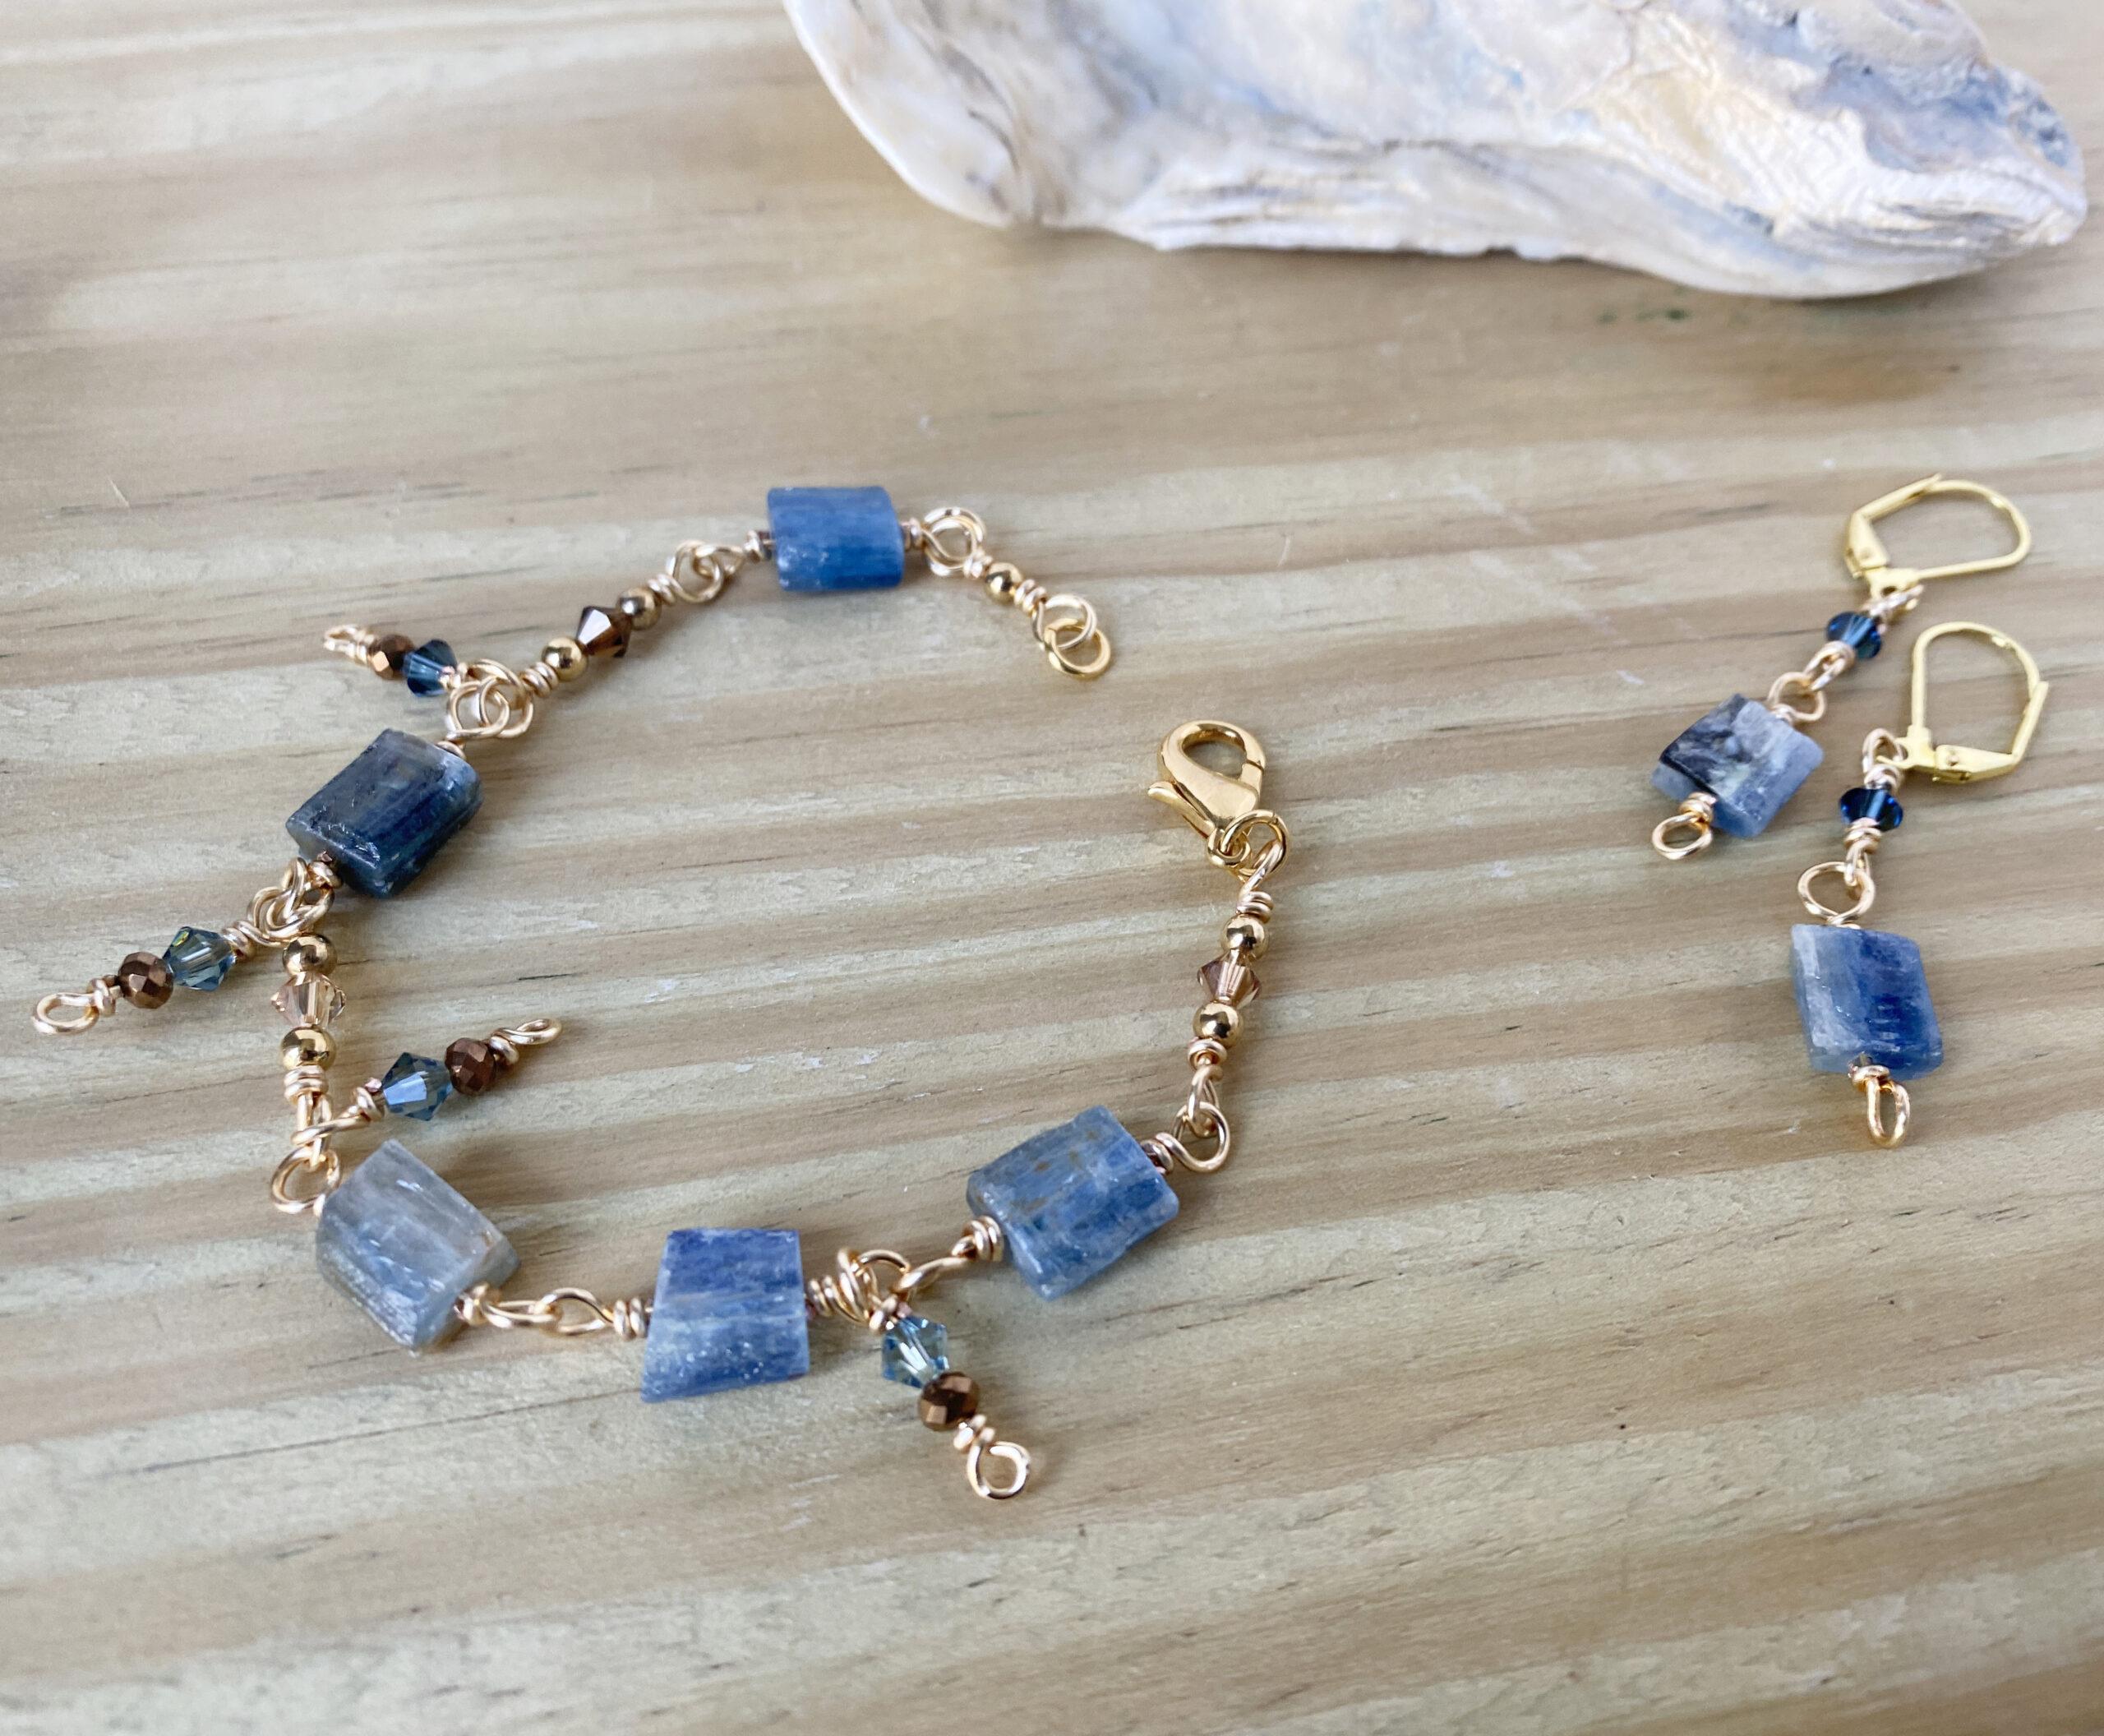 blue kyanite bracelet and earrings set